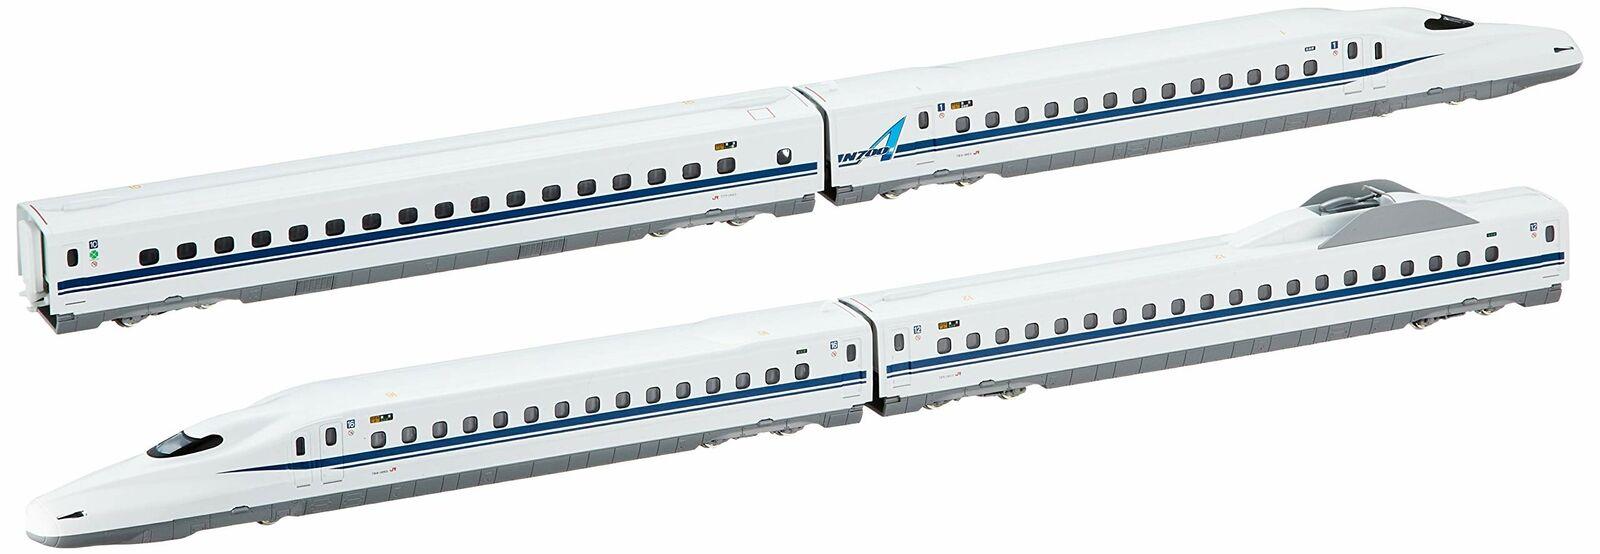 los clientes primero Kato N Calibre N700A Nozomi Nozomi Nozomi Basic 4-Coche Set 10-1174 modelo del FerroCocheril Tren JP-R  Venta barata